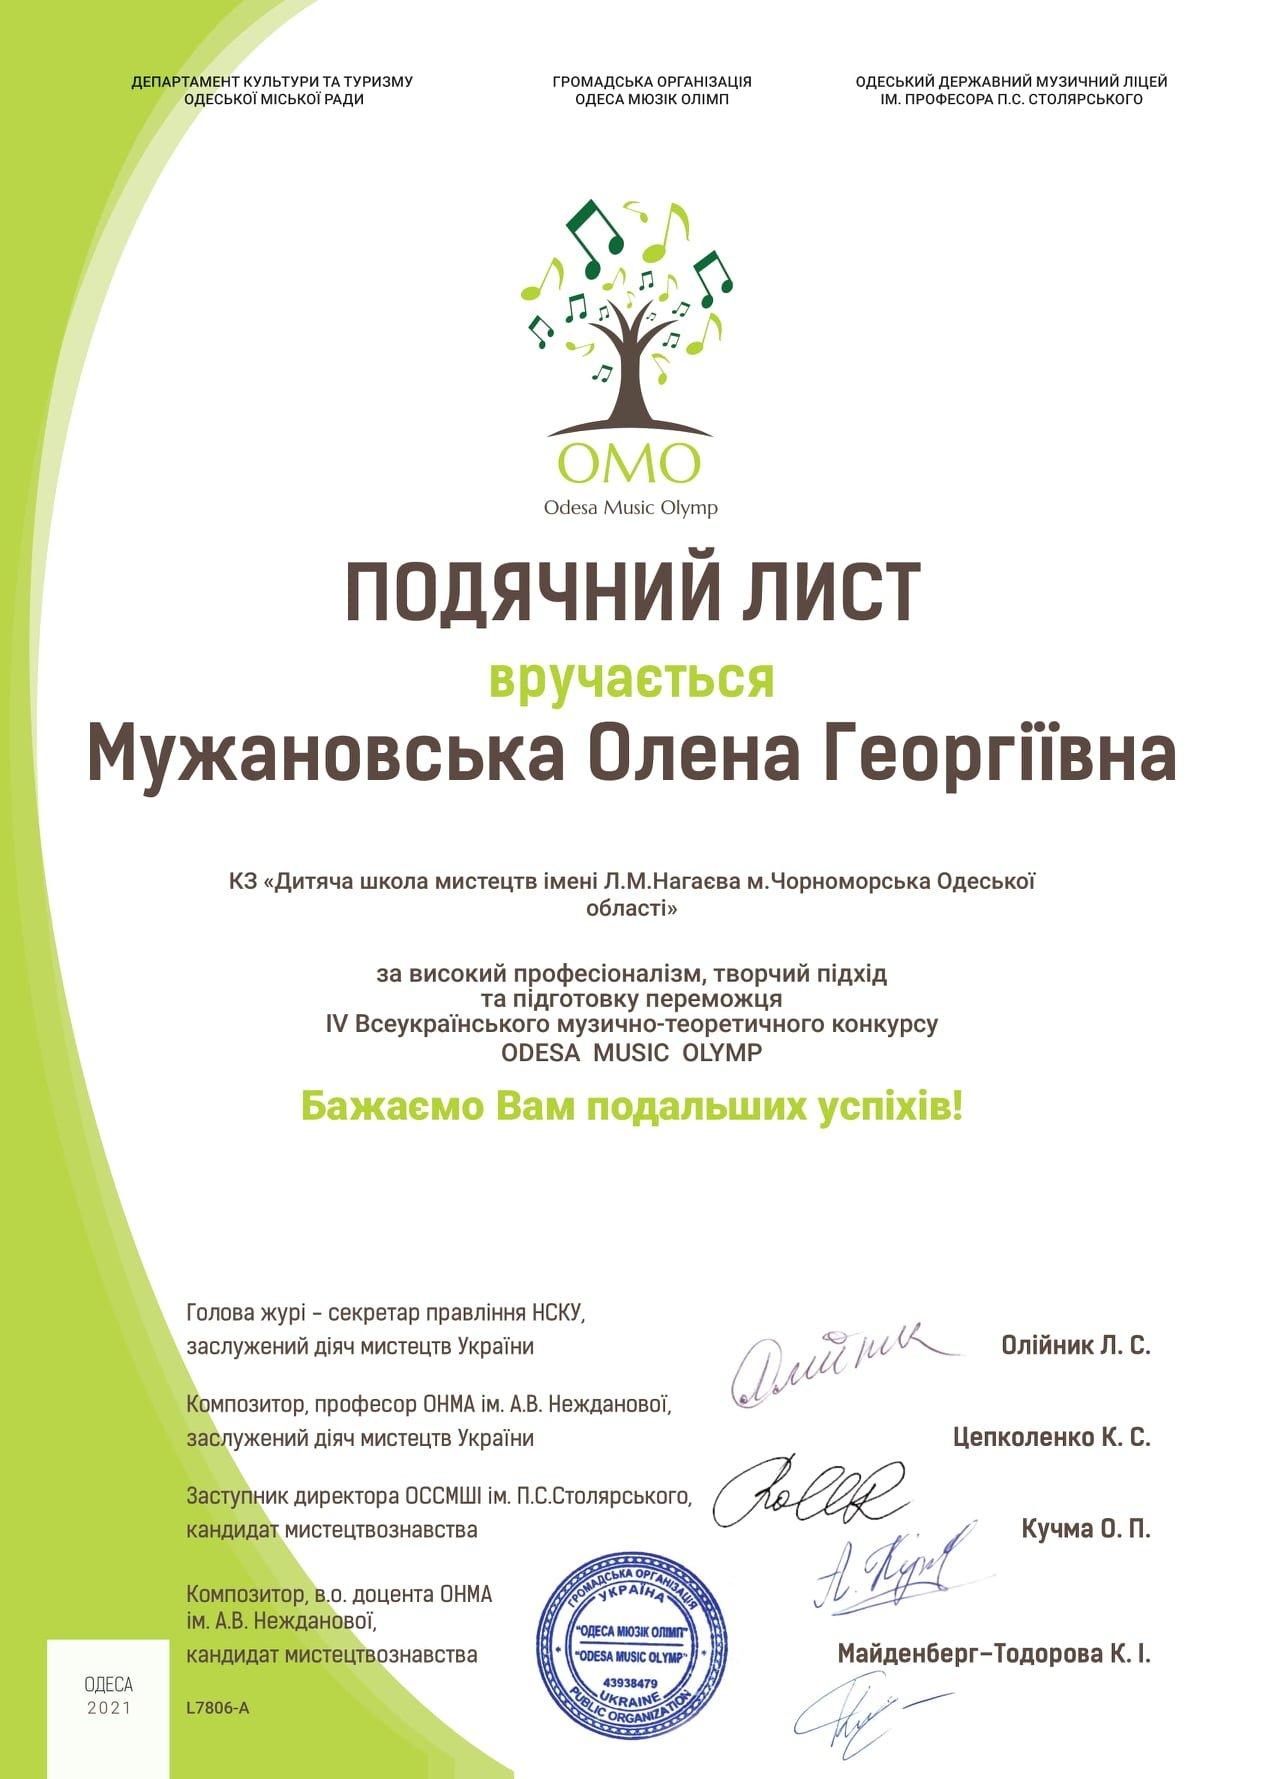 Ученики музыкальной школы в Черноморске награждены дипломами всеукраинского конкурса, фото-3